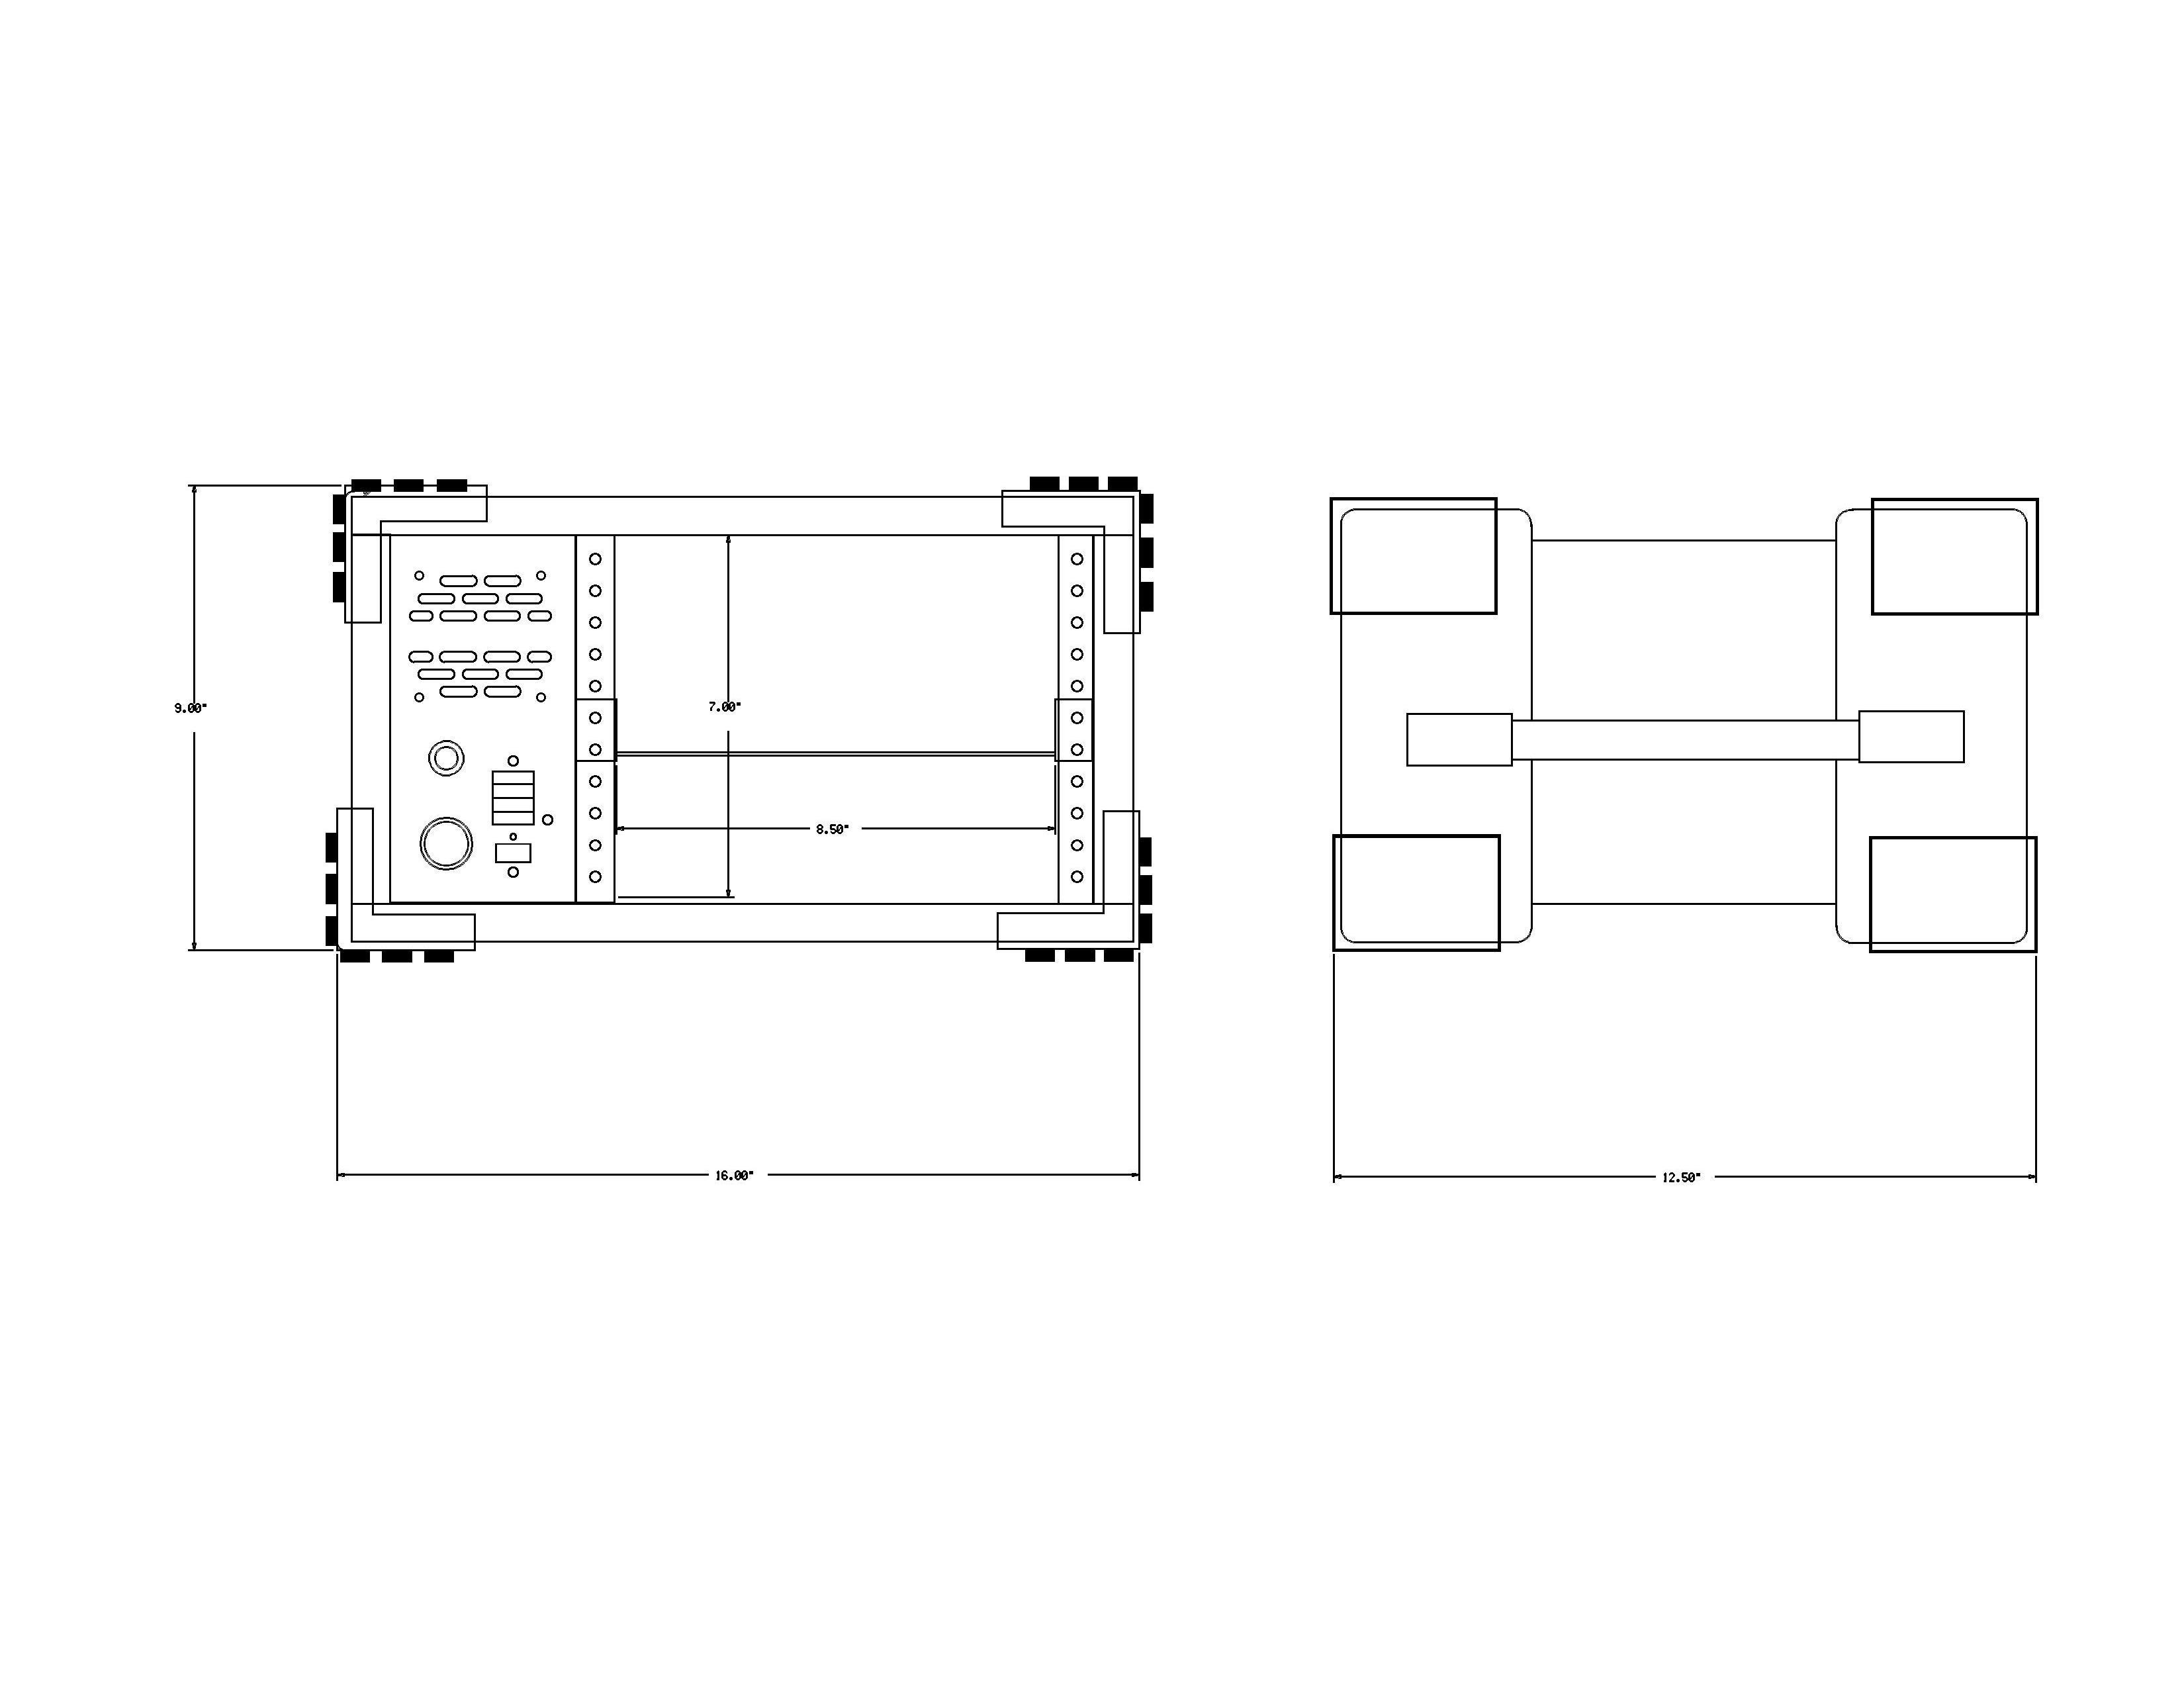 daewoo lanos wiring diagram lc gmrc 01 2000 cooling system